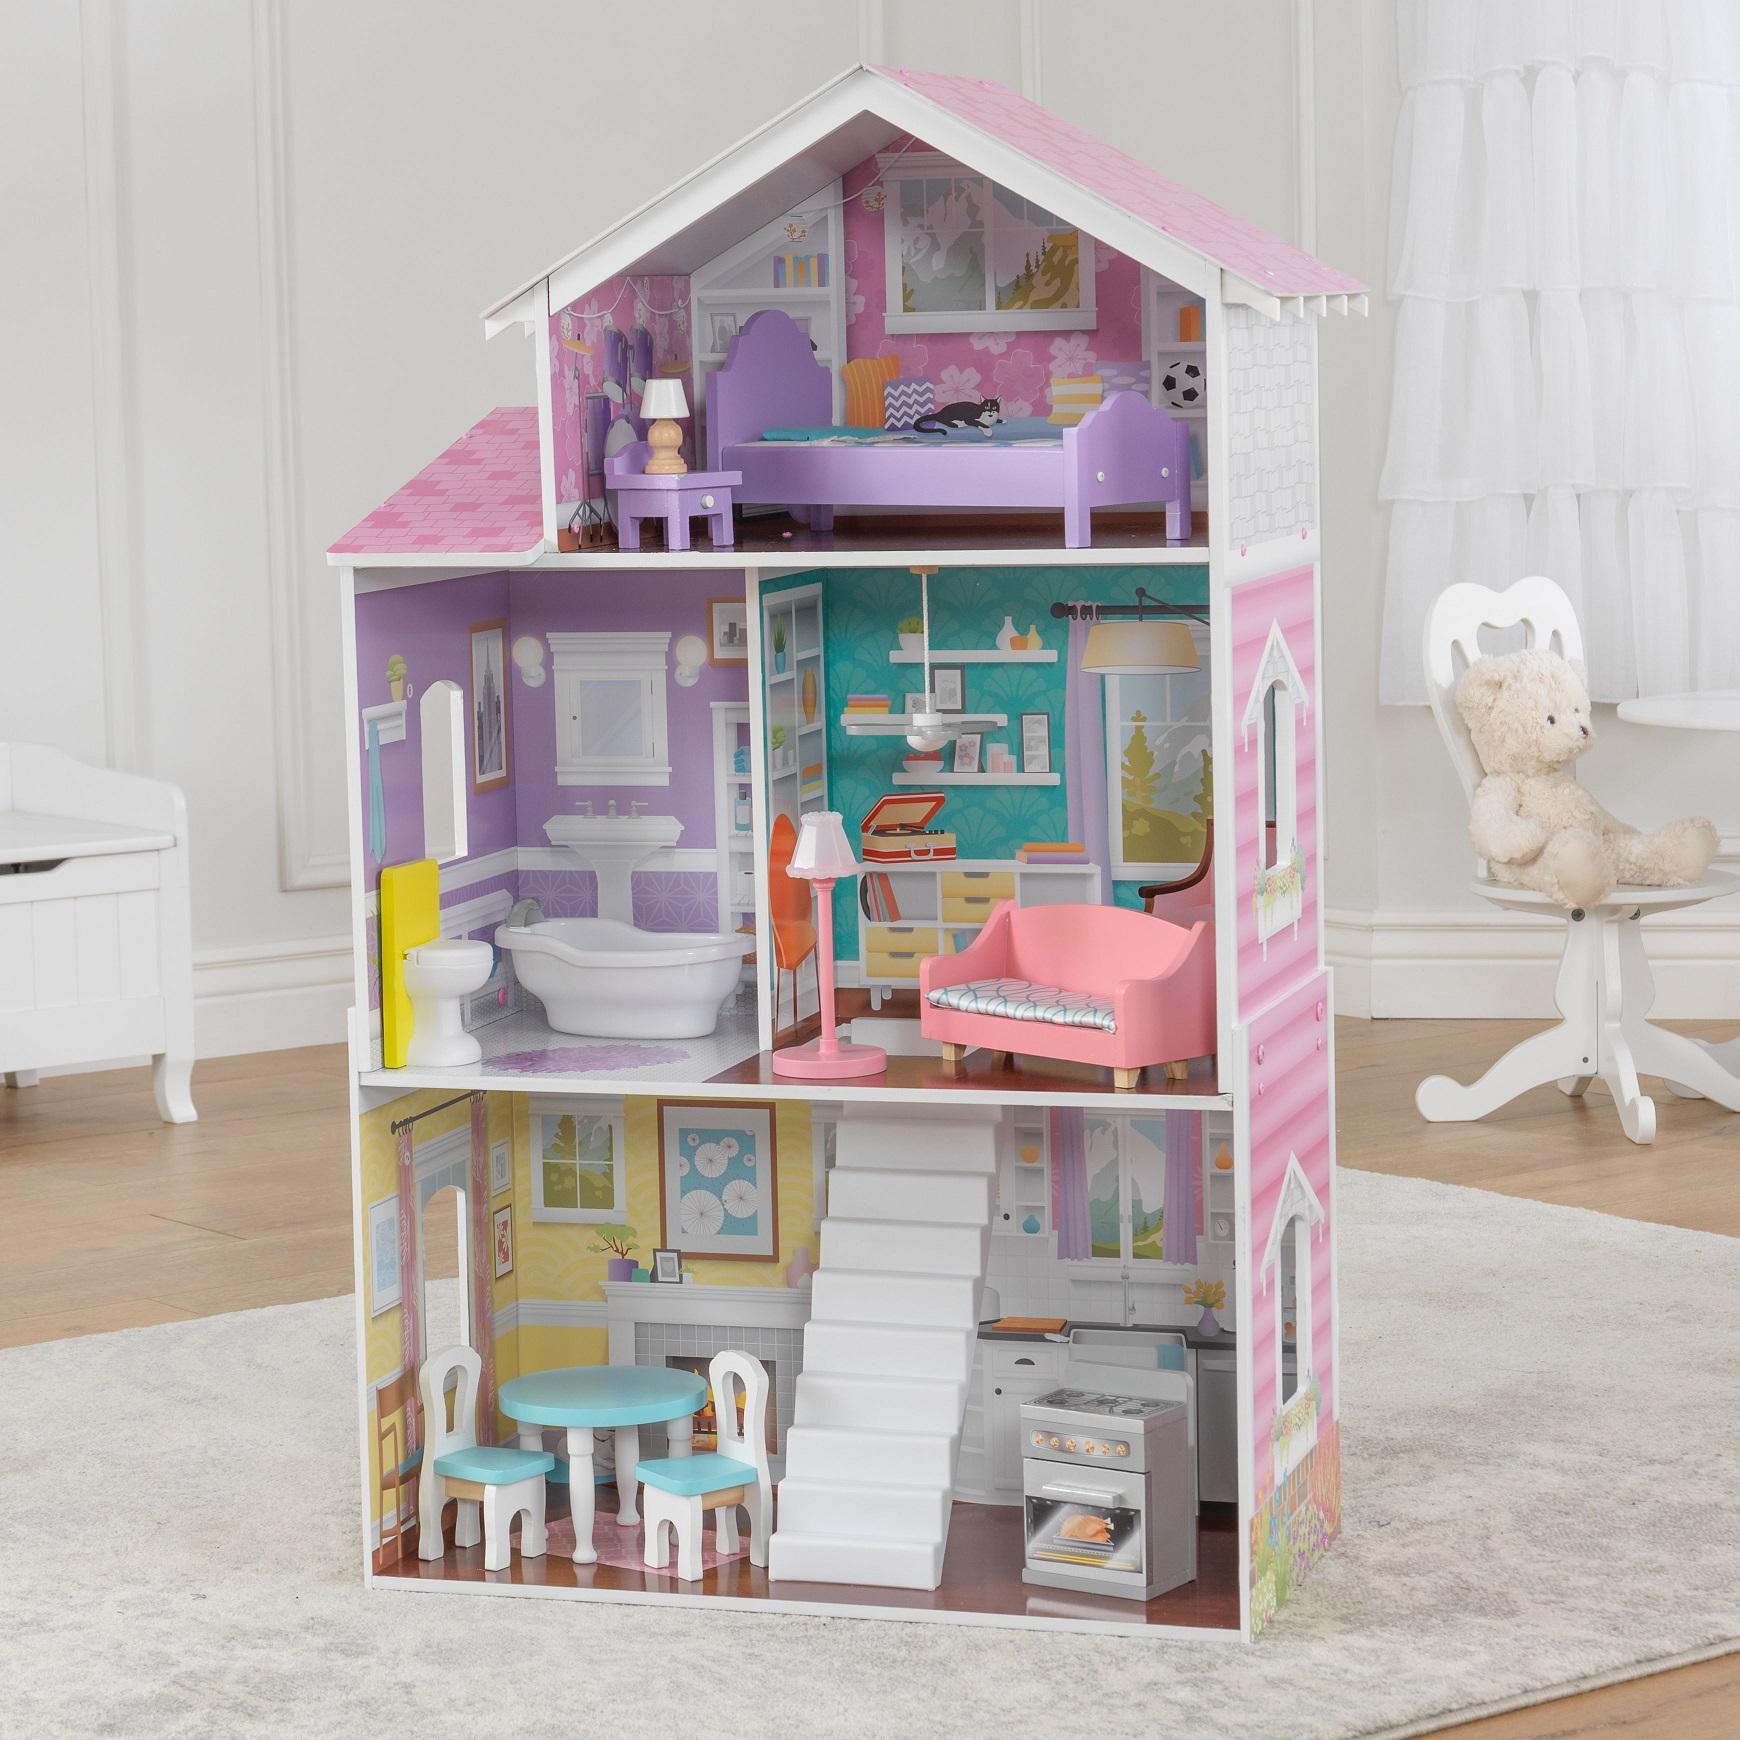 Imagen con todos los accesorios de la kidkraft casa de muñecas glendale manor 65940 width=